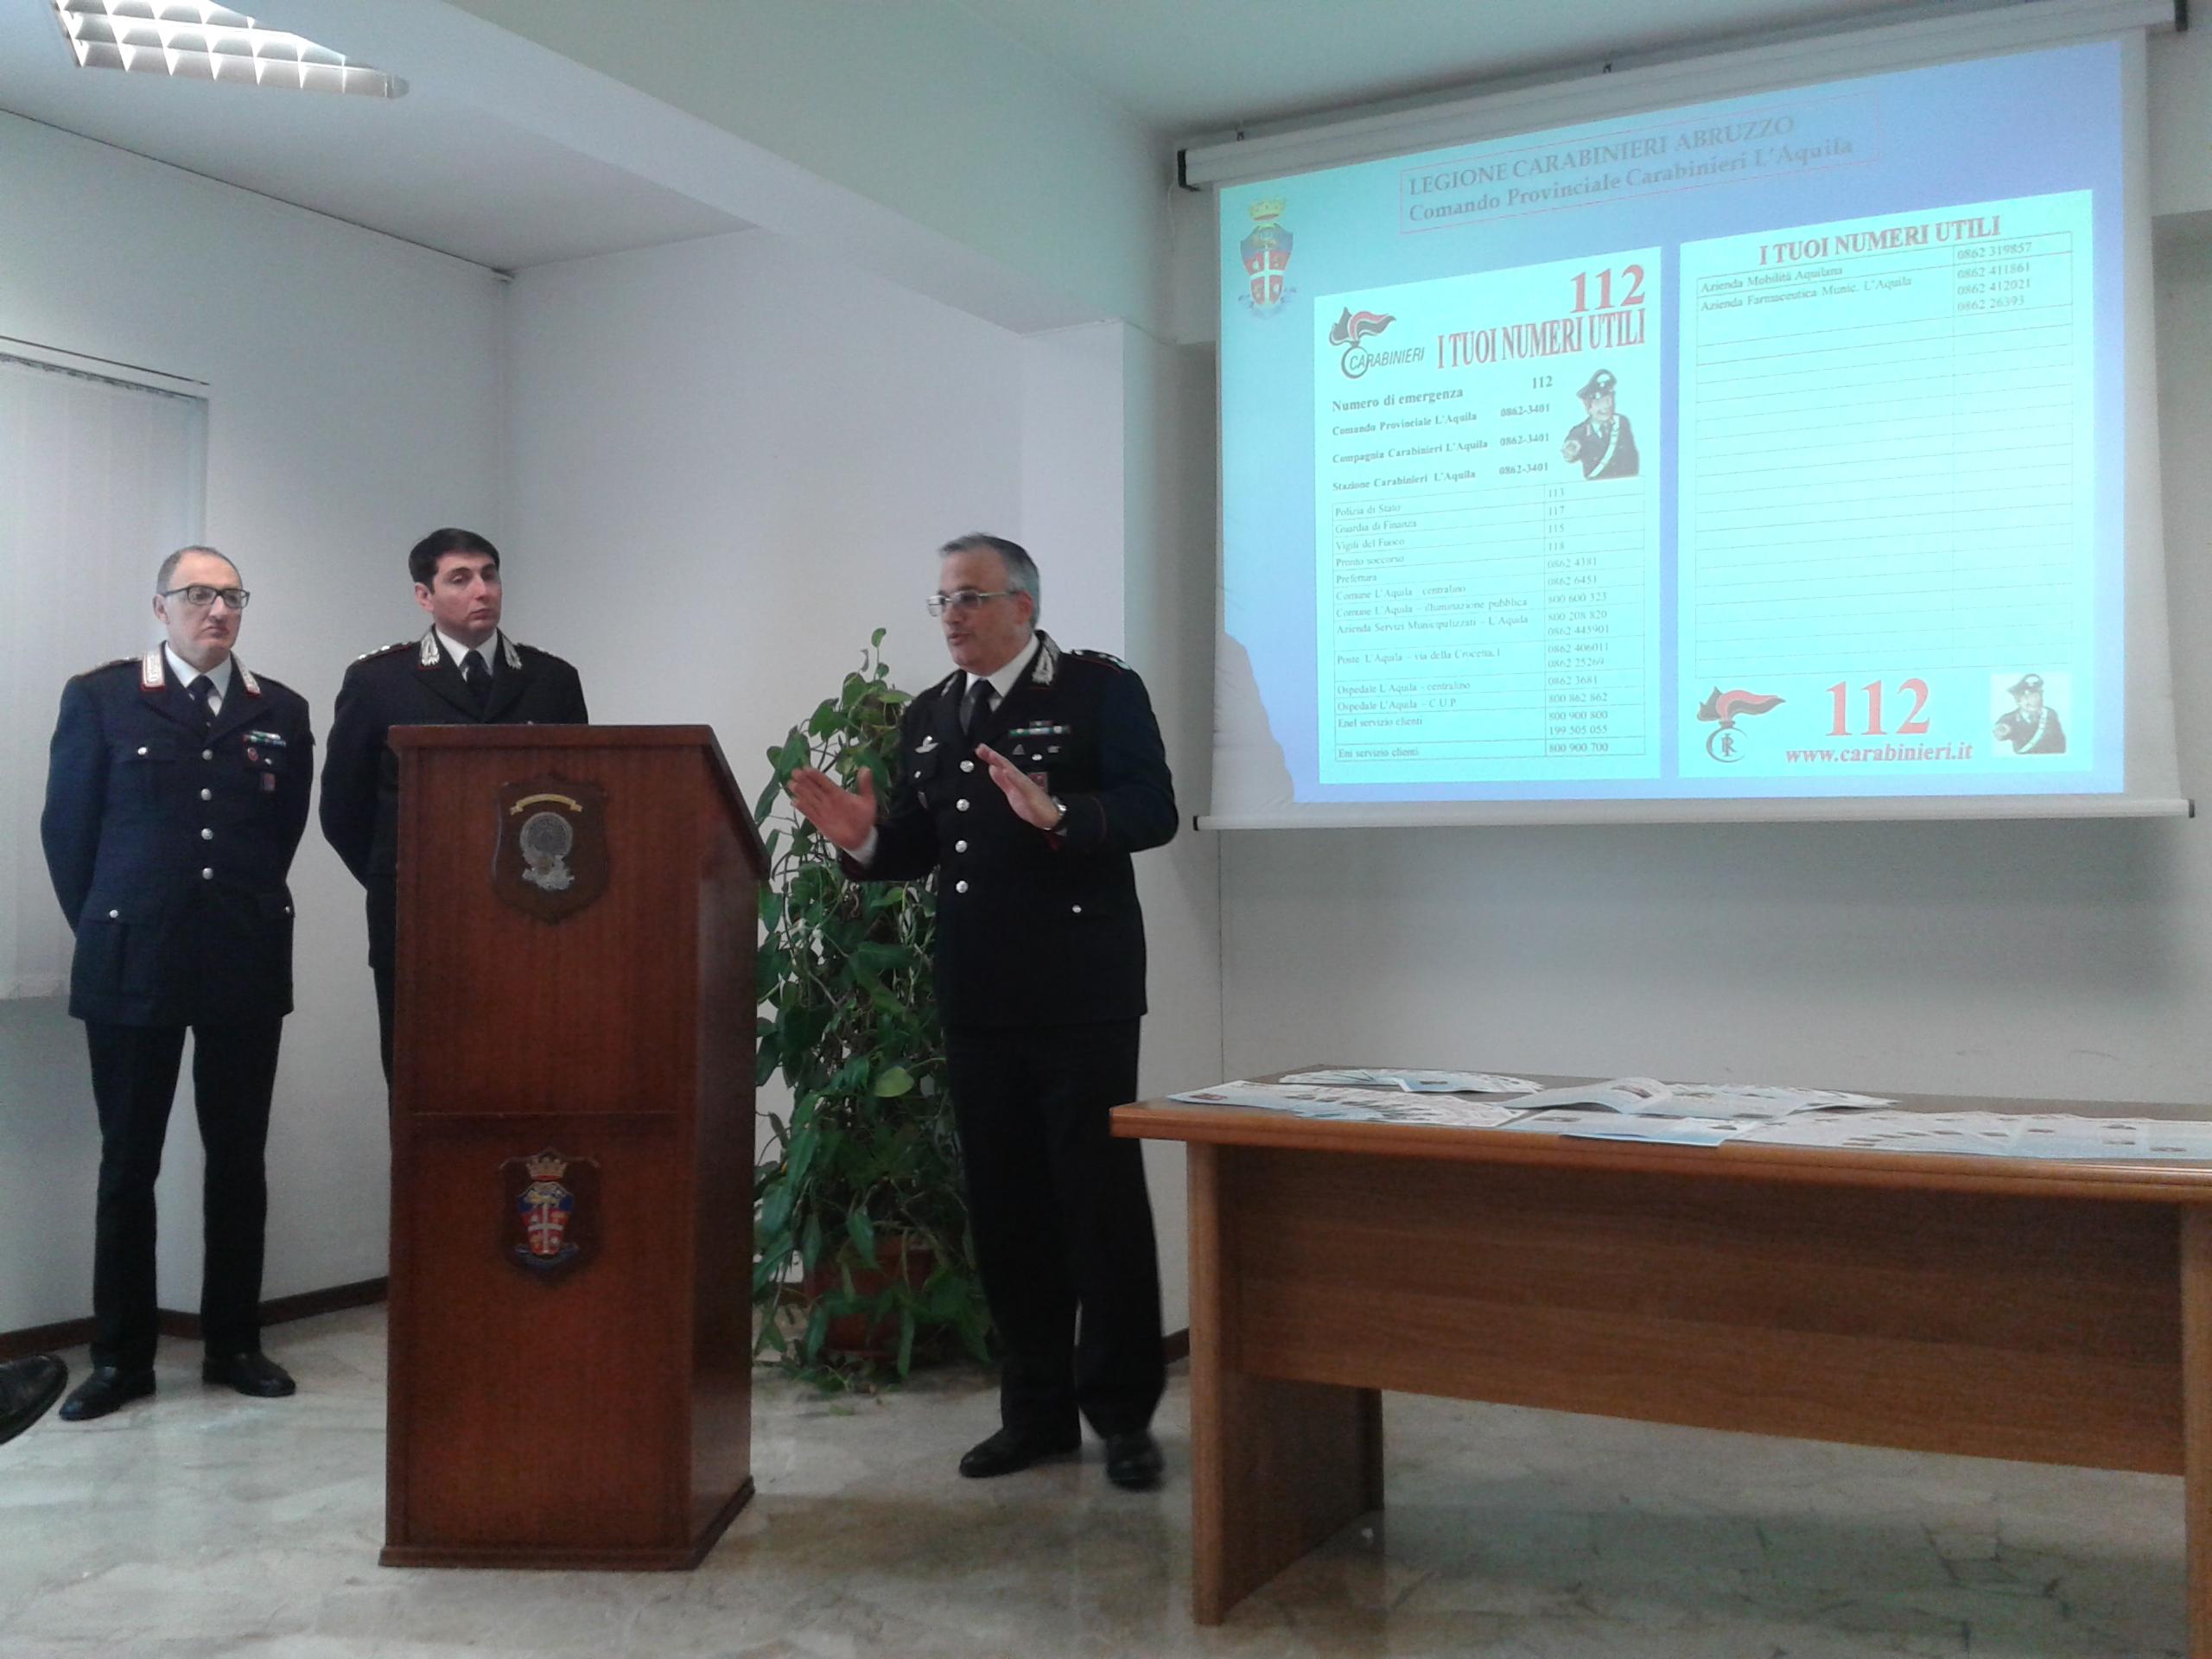 L'Aquila, carabinieri nelle chiese: arginare le truffe agli anziani